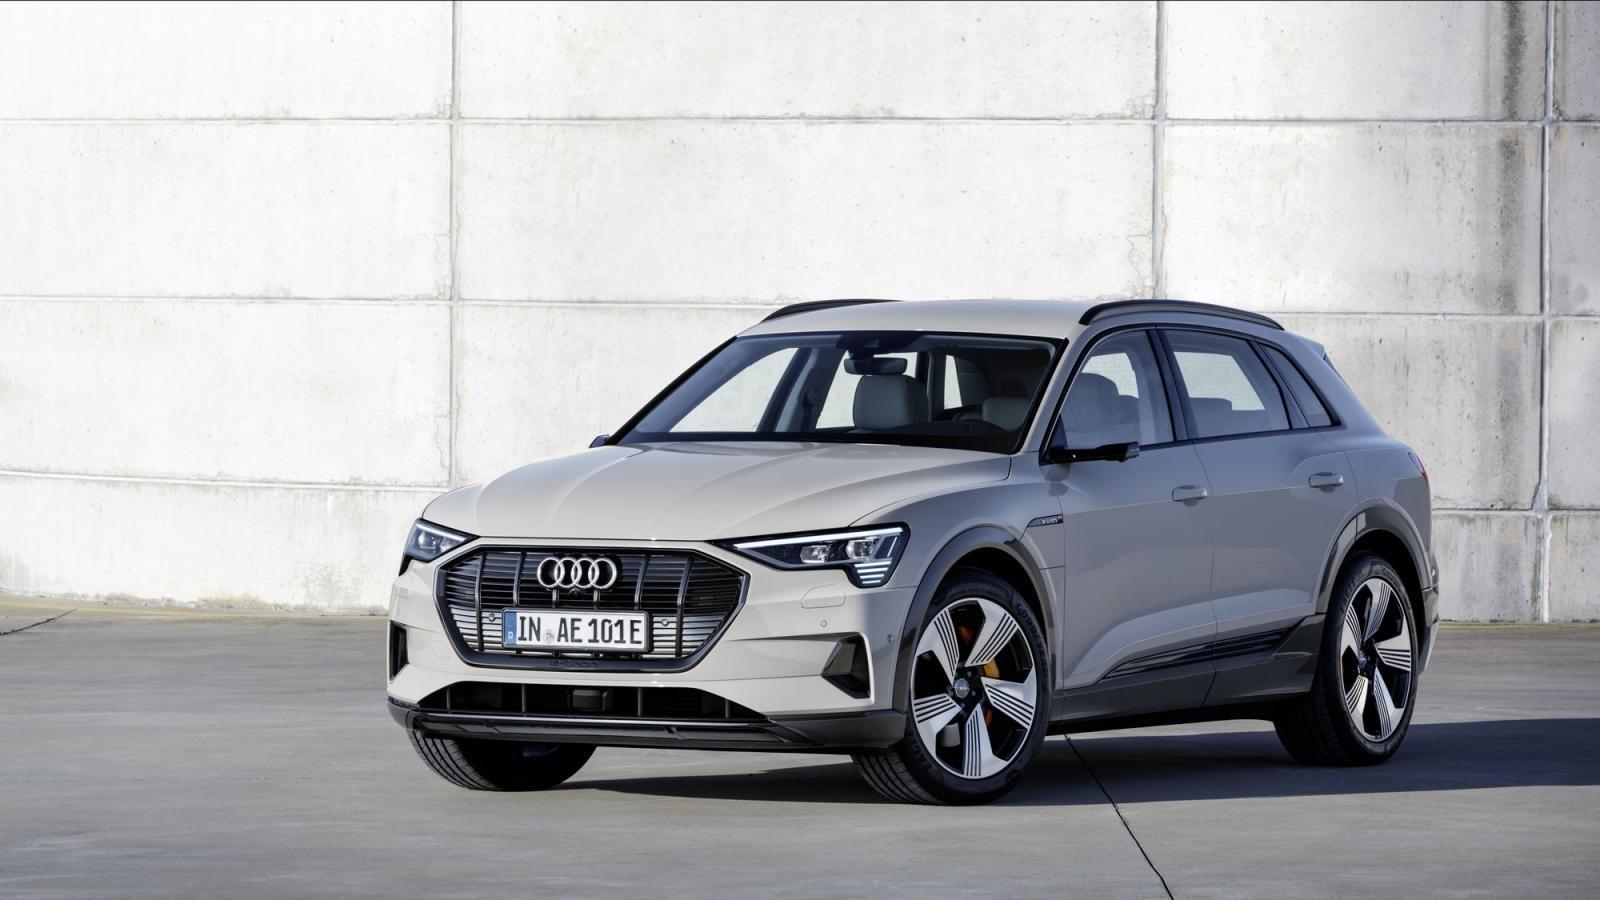 Audi e-tron là mẫu SUV điện được nhiều người săn đón kể từ lúc mới ra mắt